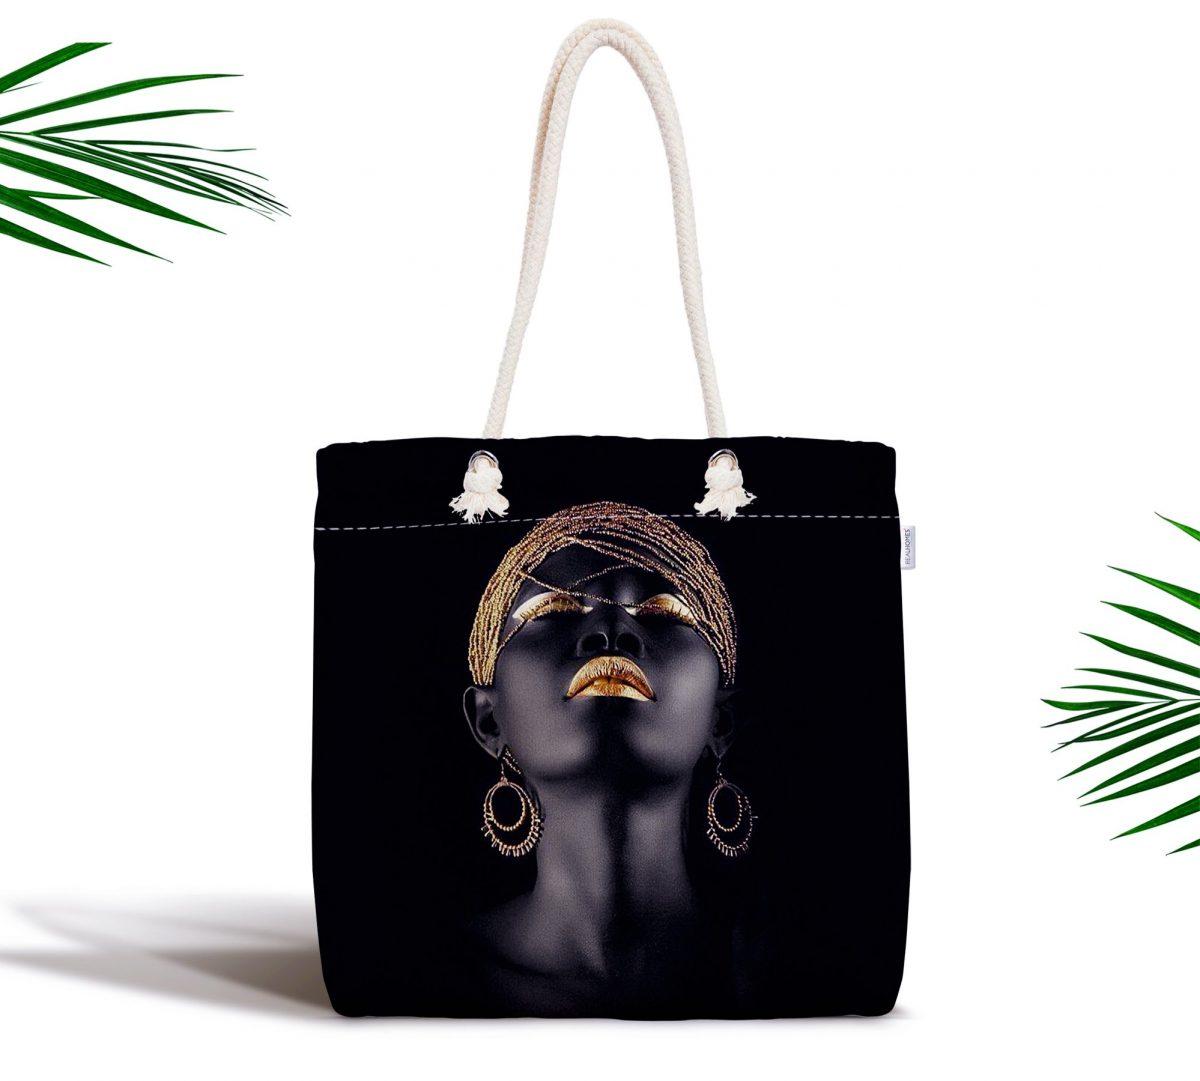 Siyahi Kadın Özel Tasarımlı Modern Fermuarlı Modern Kumaş Çanta Realhomes